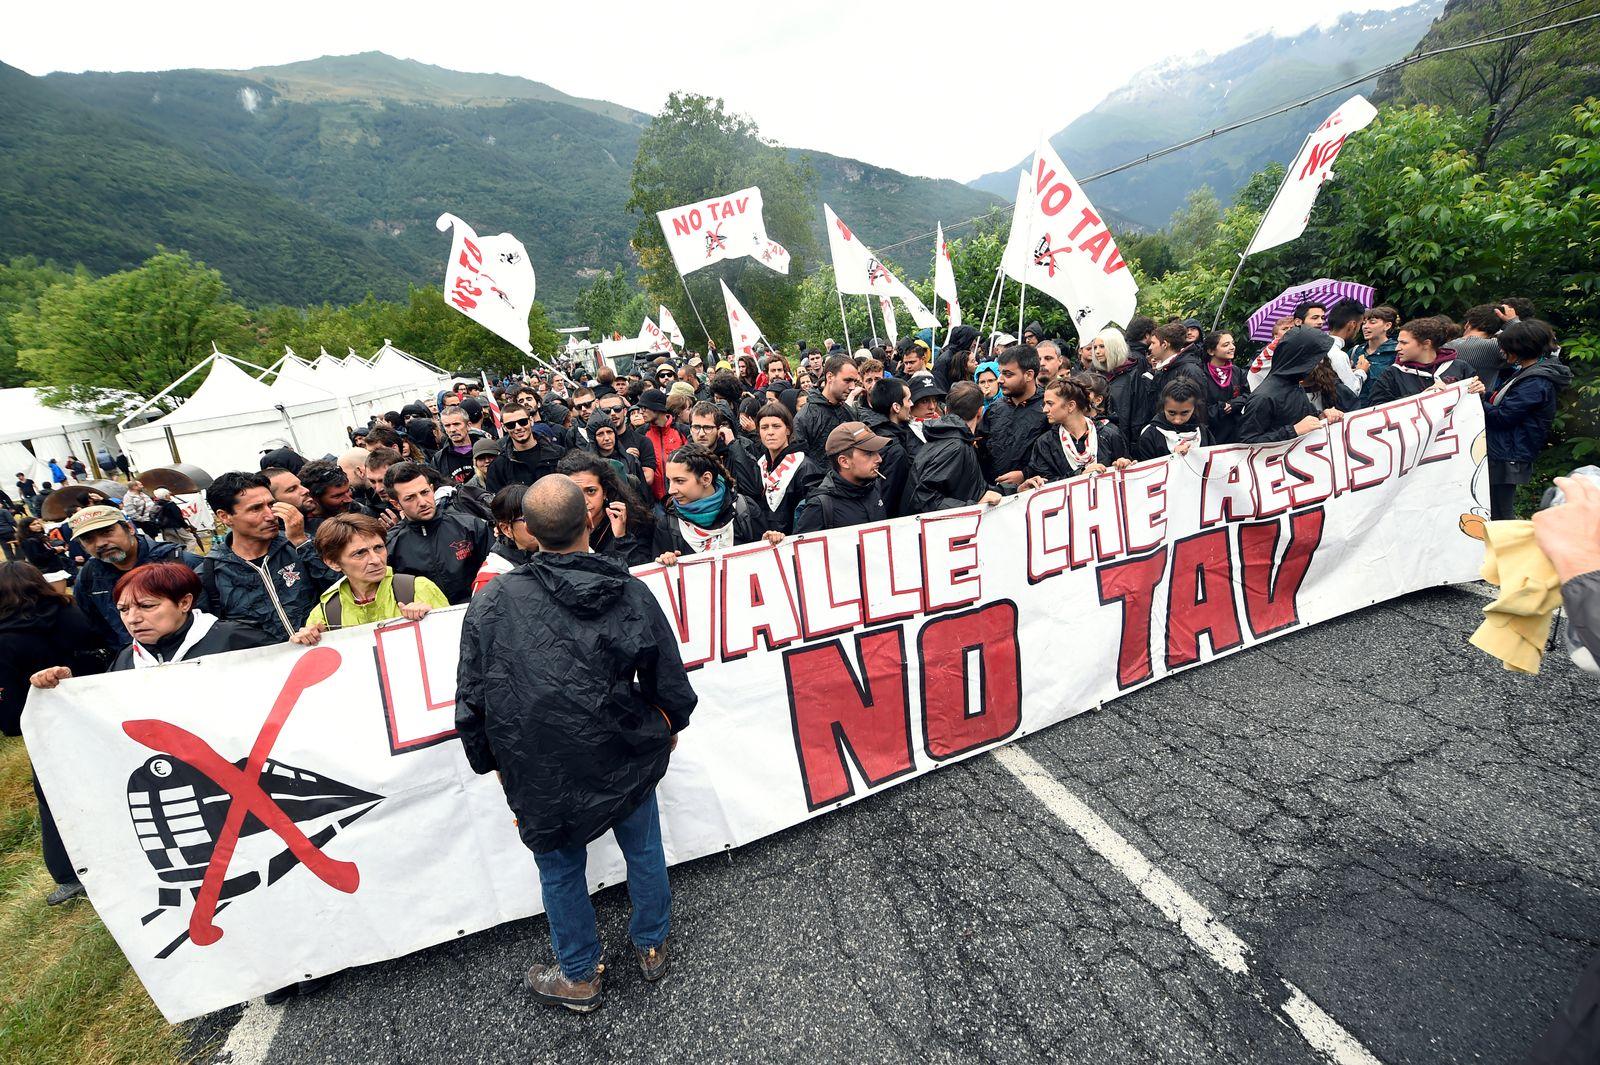 TAV/ Zugstrecke/ Protest/ Italien